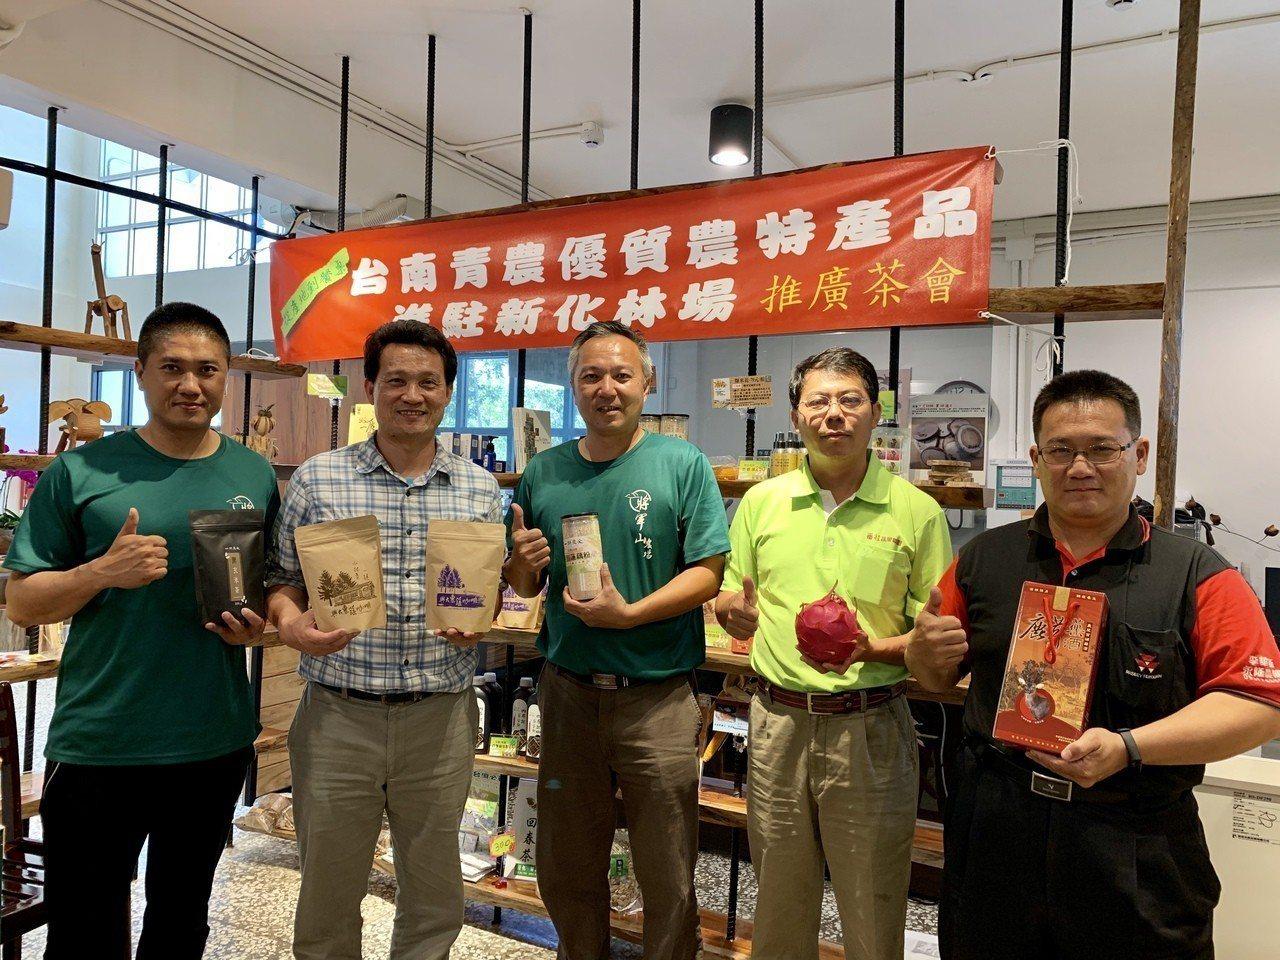 中興大學新化林場邀請台南農林漁牧優質青農產品上架。記者吳淑玲/攝影